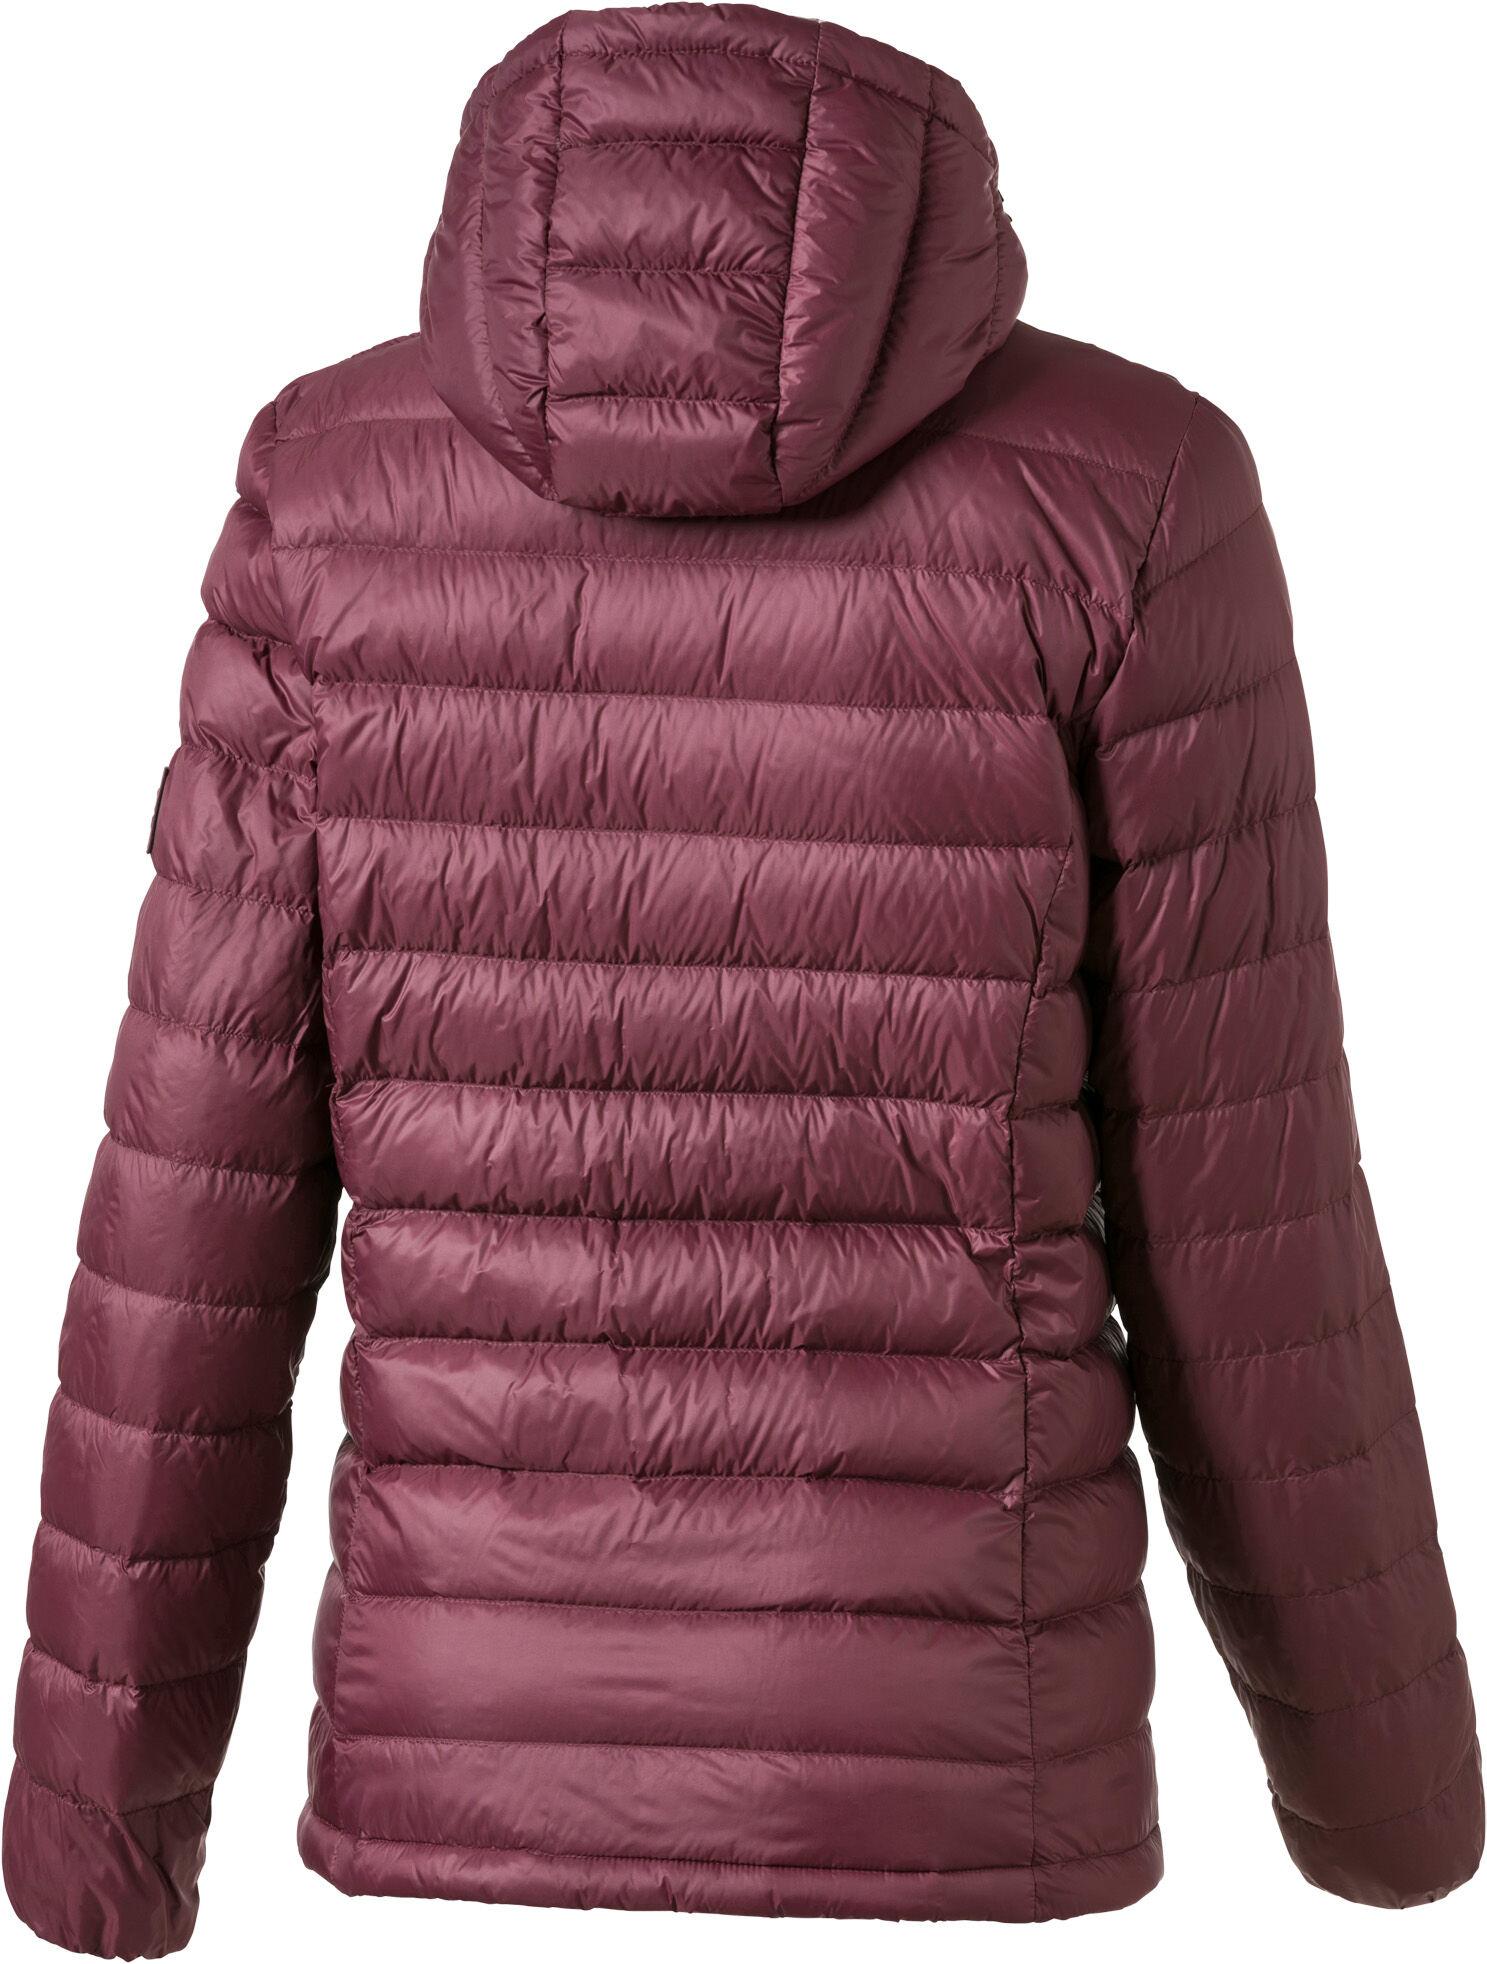 McKINLEY   Urban női tolldzseki   Nők   Kabátok   rózsaszín